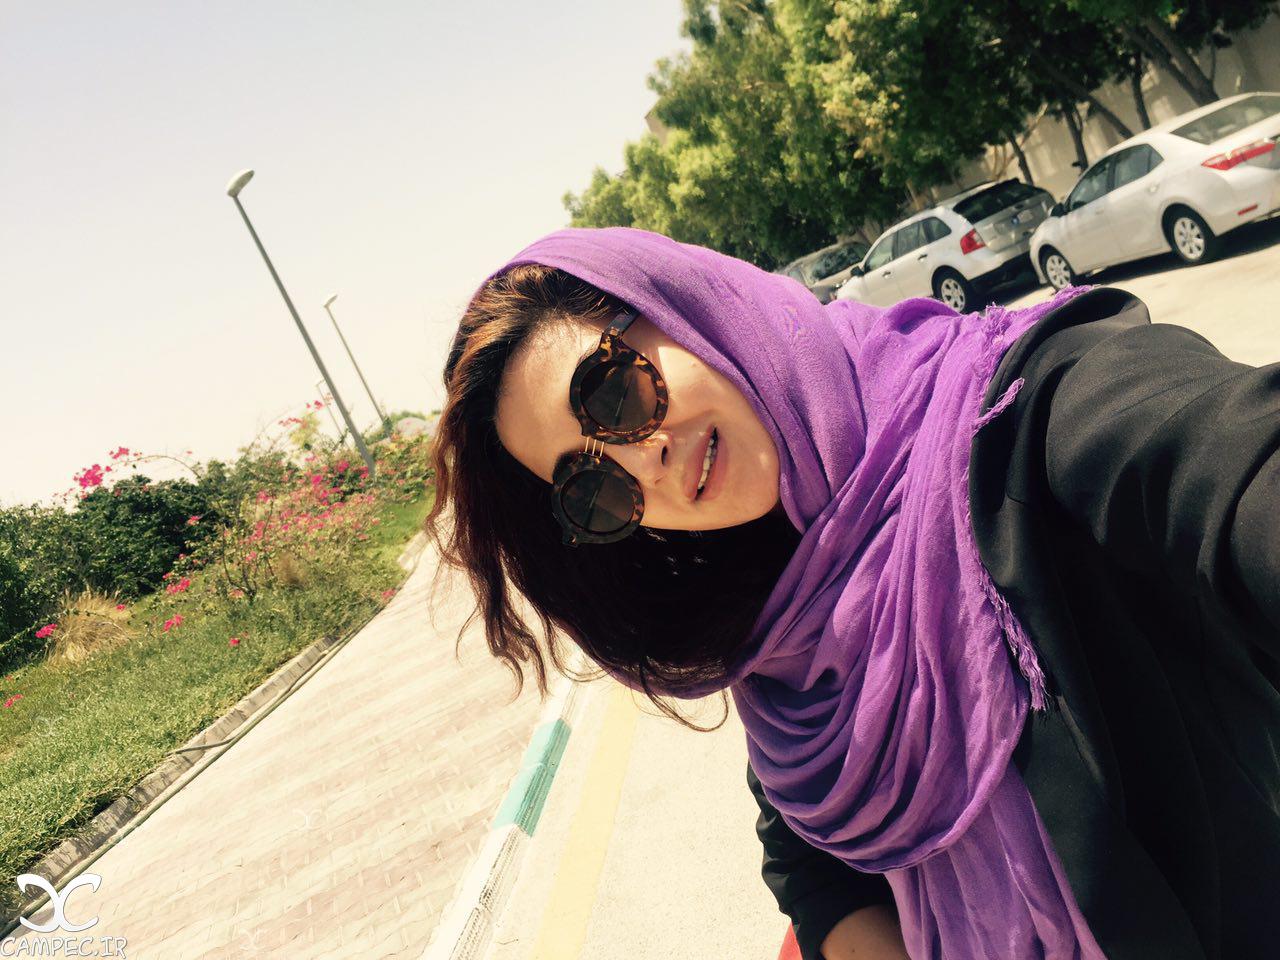 جدید ترین عکسهای مریم معصومی خرداد 95 , عکس های بازیگران